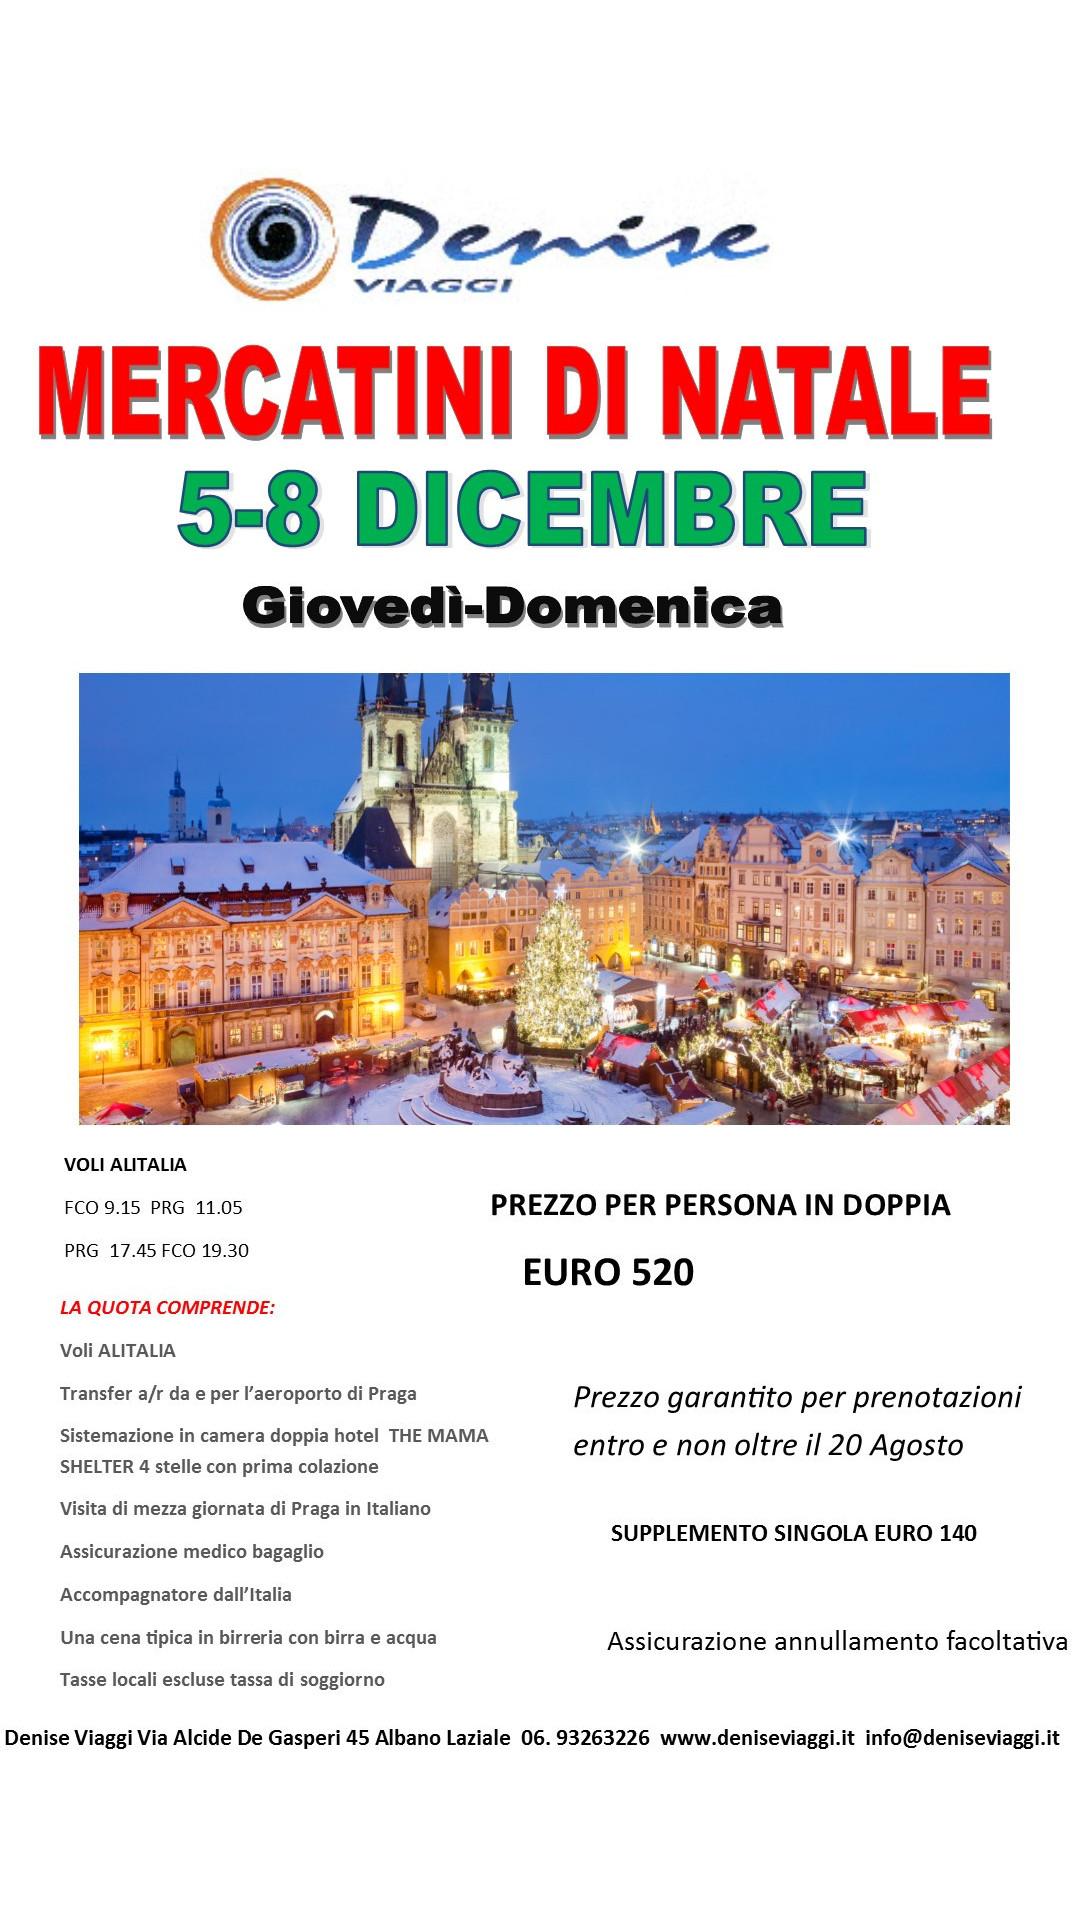 Mercatini di Natale 5 - 8 Dicembre 2019